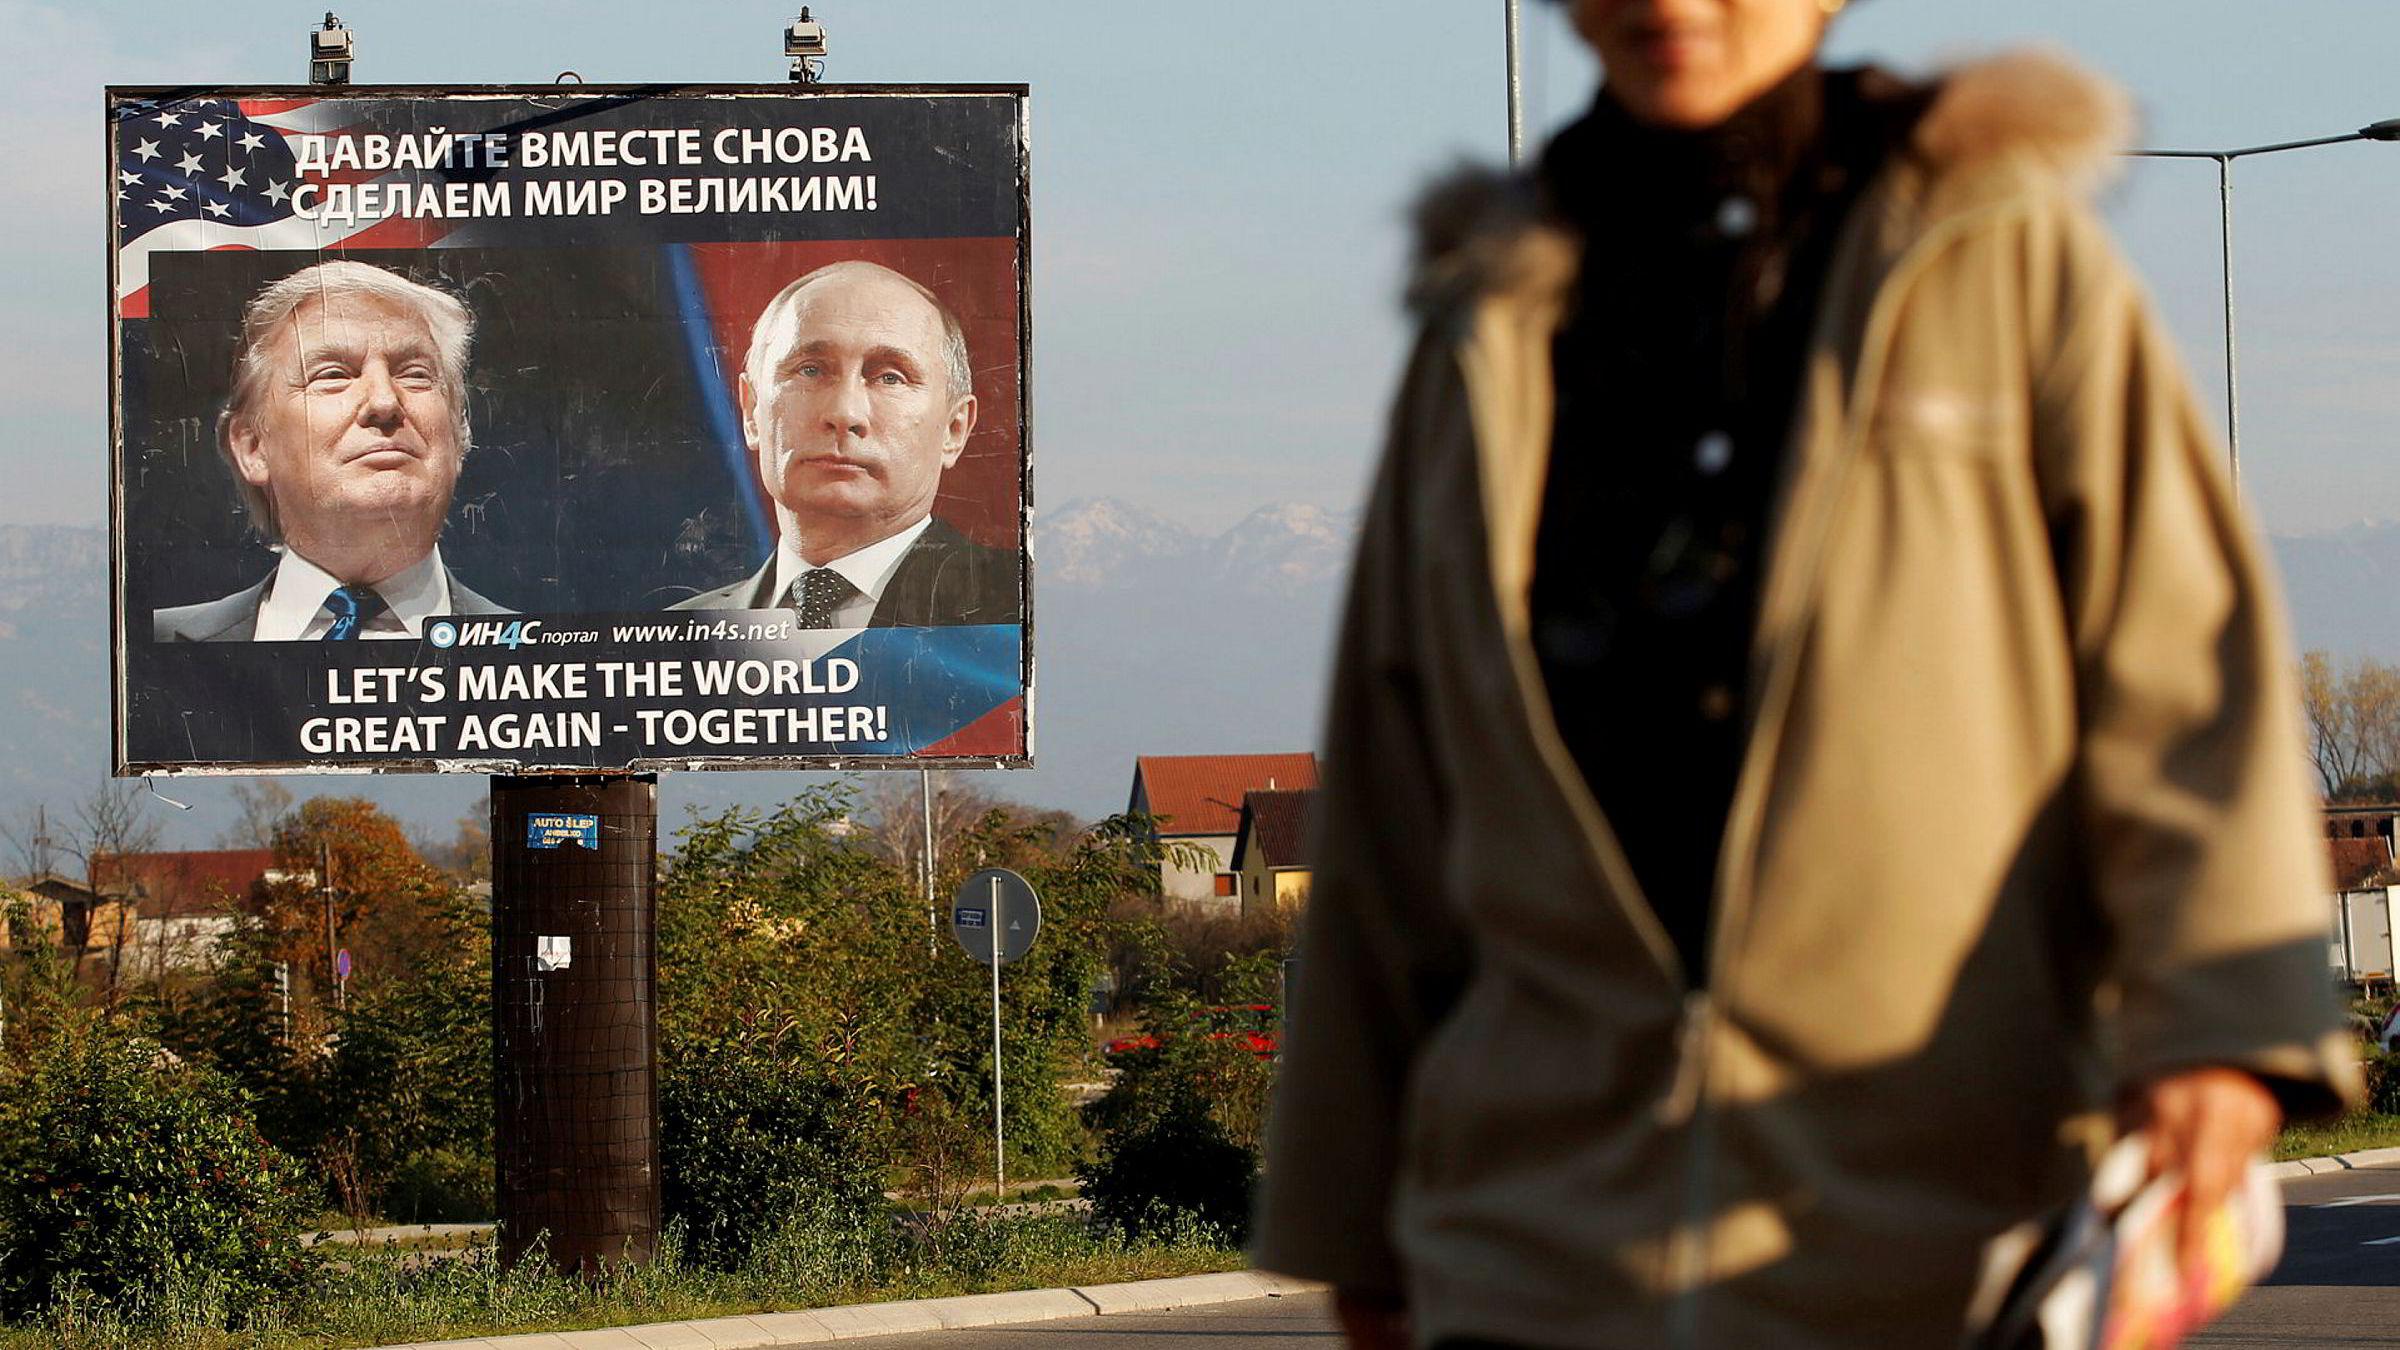 En fotgjenger passerer en plakat av USAs påtroppende president, Donald Trump, og Russlands president Vladimir Putin i Danilovgrad, Montenegro.